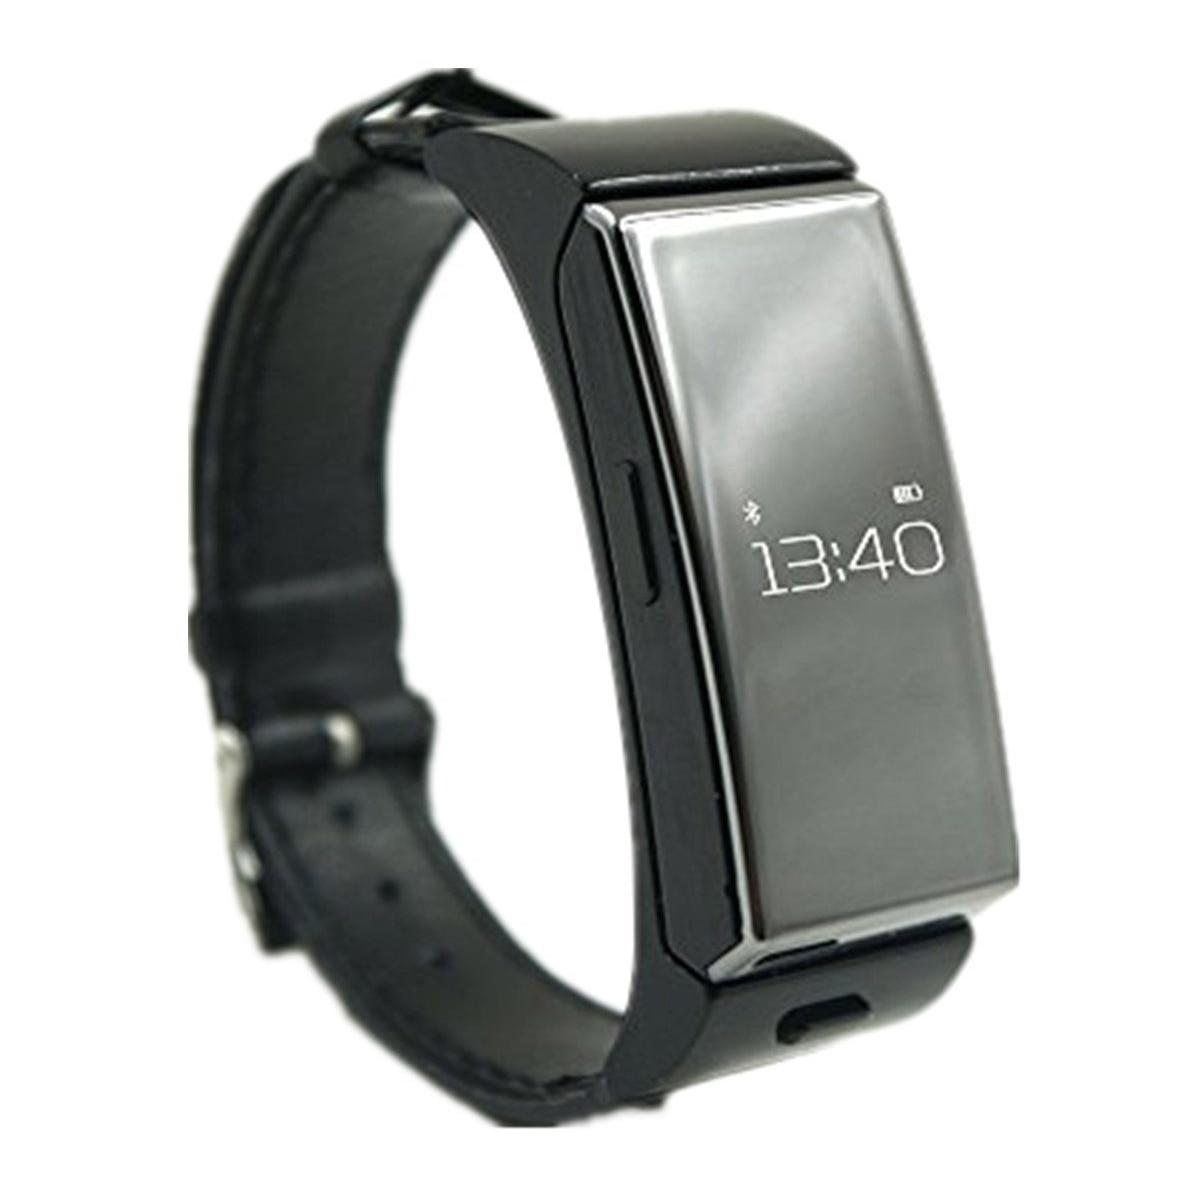 font b SmartWatch b font U20 Bluetooth Headset Personal Smart Wearable Bracelet Heartrate Monitor Remote